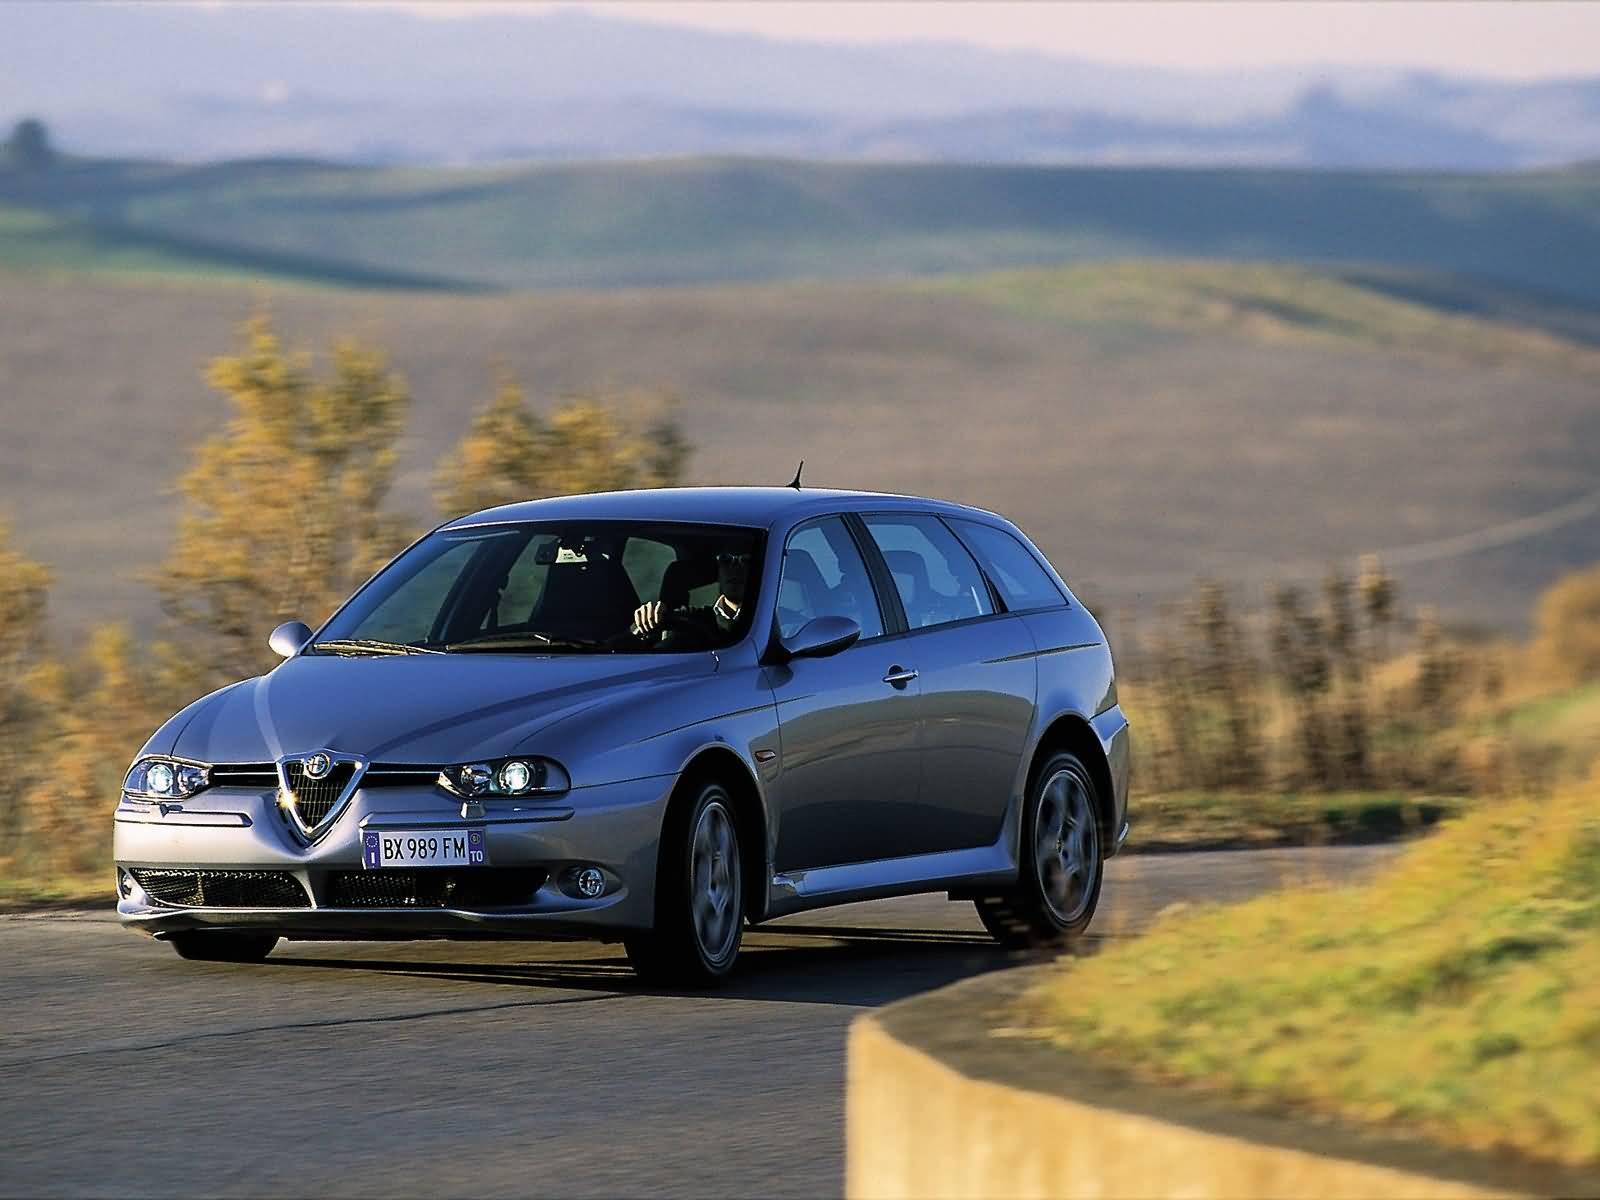 Very beautiful silver colour Alfa Romeo 156 GTA Car on the road